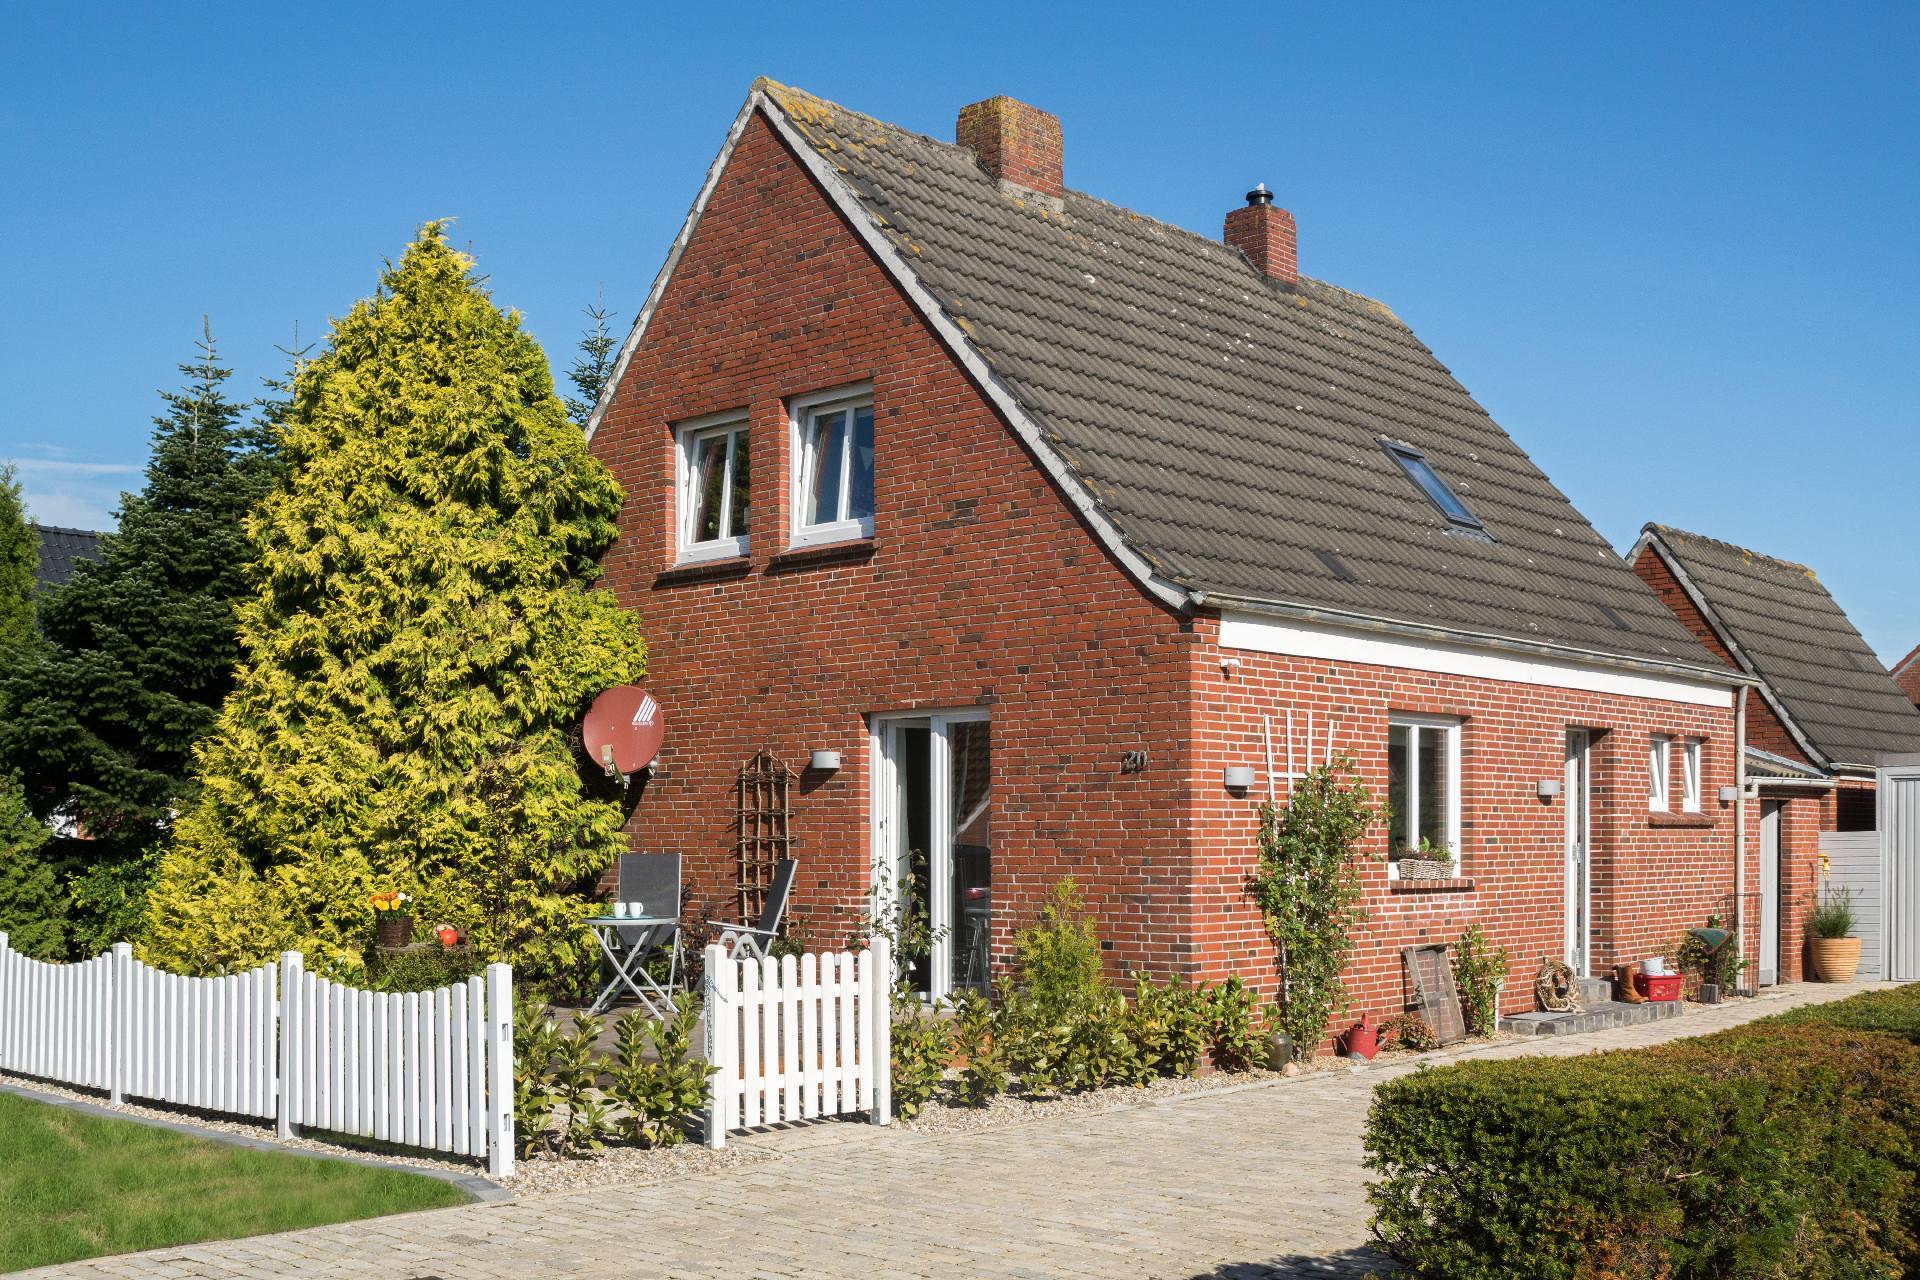 Ferienhaus für 6 Personen ca. 140 m² in   in Ostfriesland